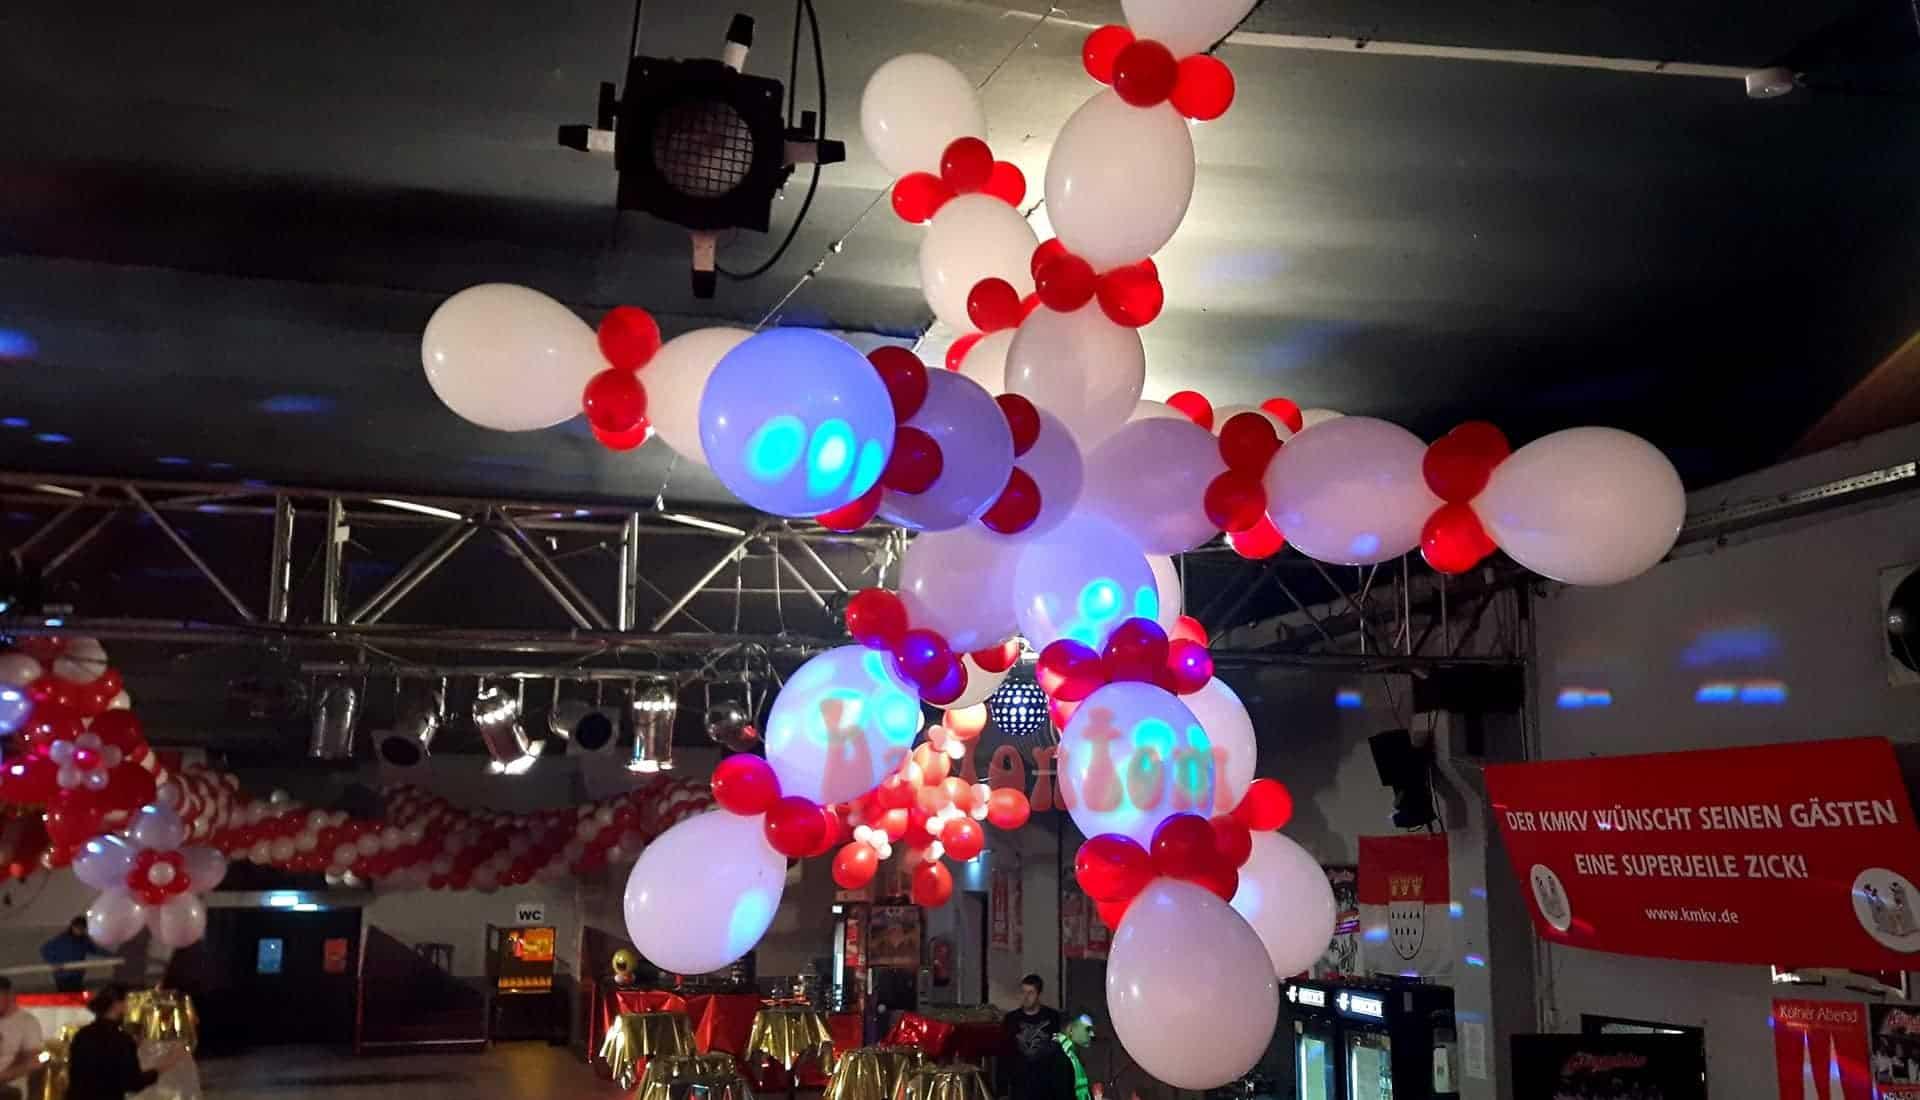 Ballonschneeflocke in der Theaterhalle in München